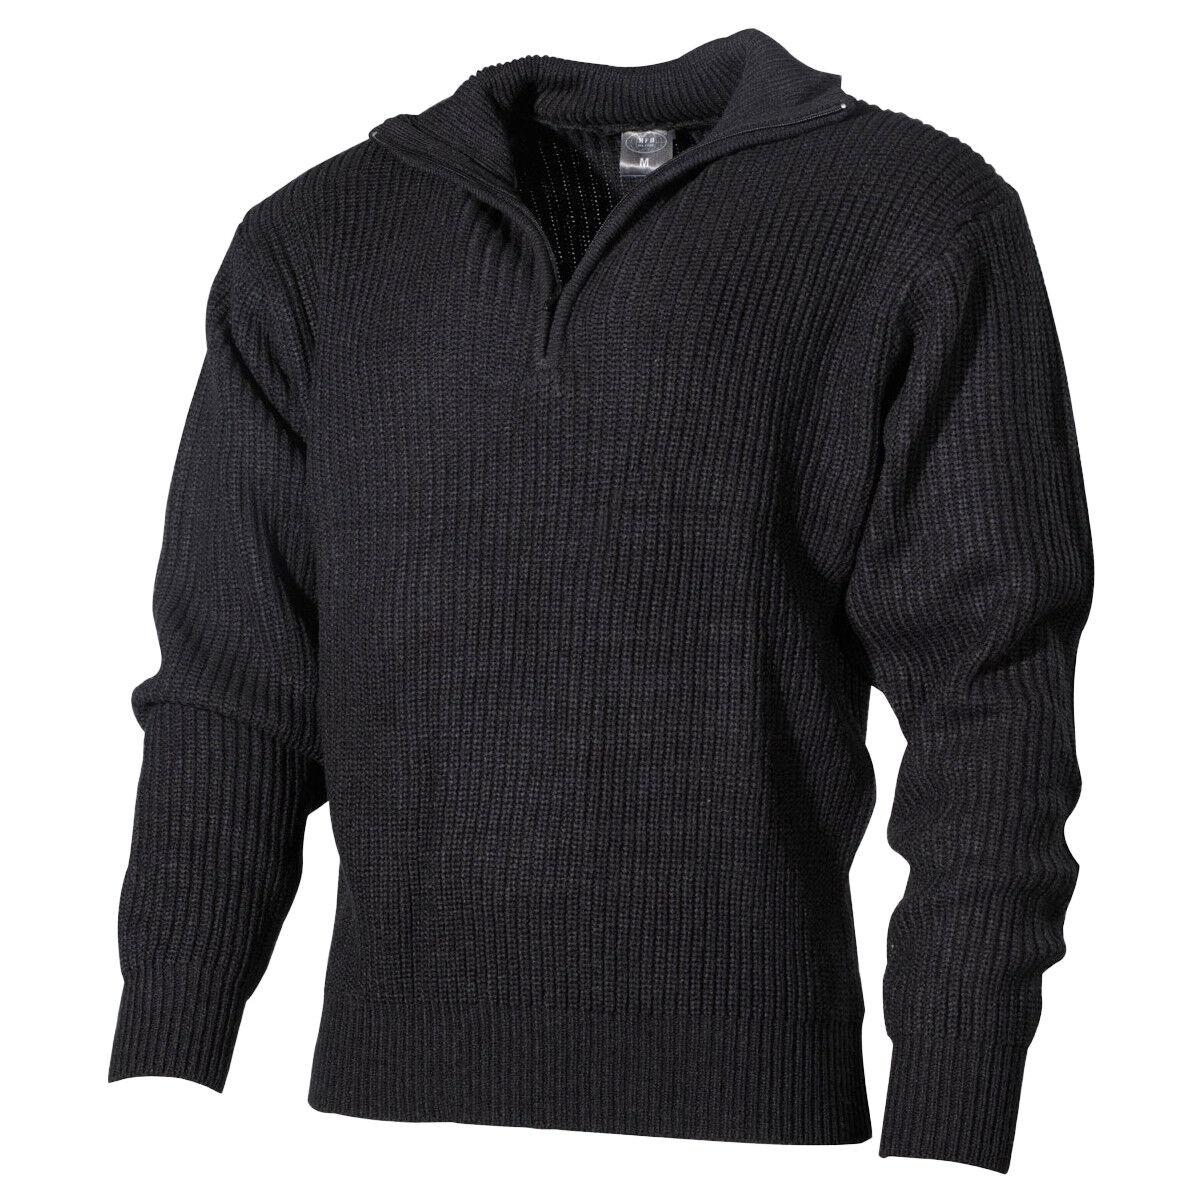 MFH Navy Pullover Acryl Herren Warm Jeden Tag Cadet Pflicht Militär Schwarz